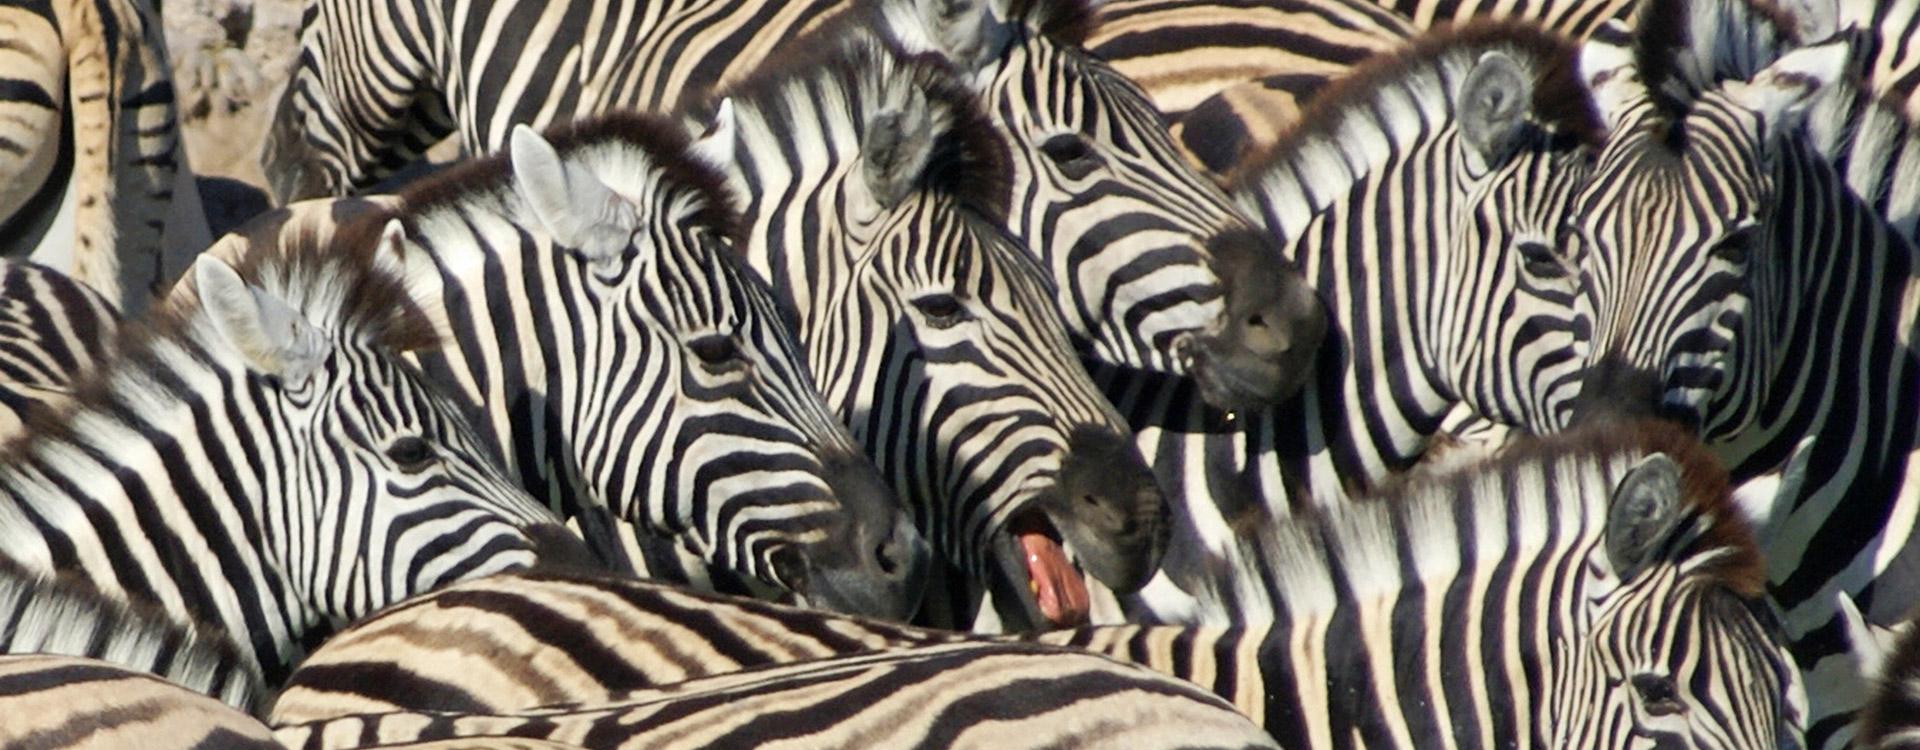 Drongo Tours Namibia